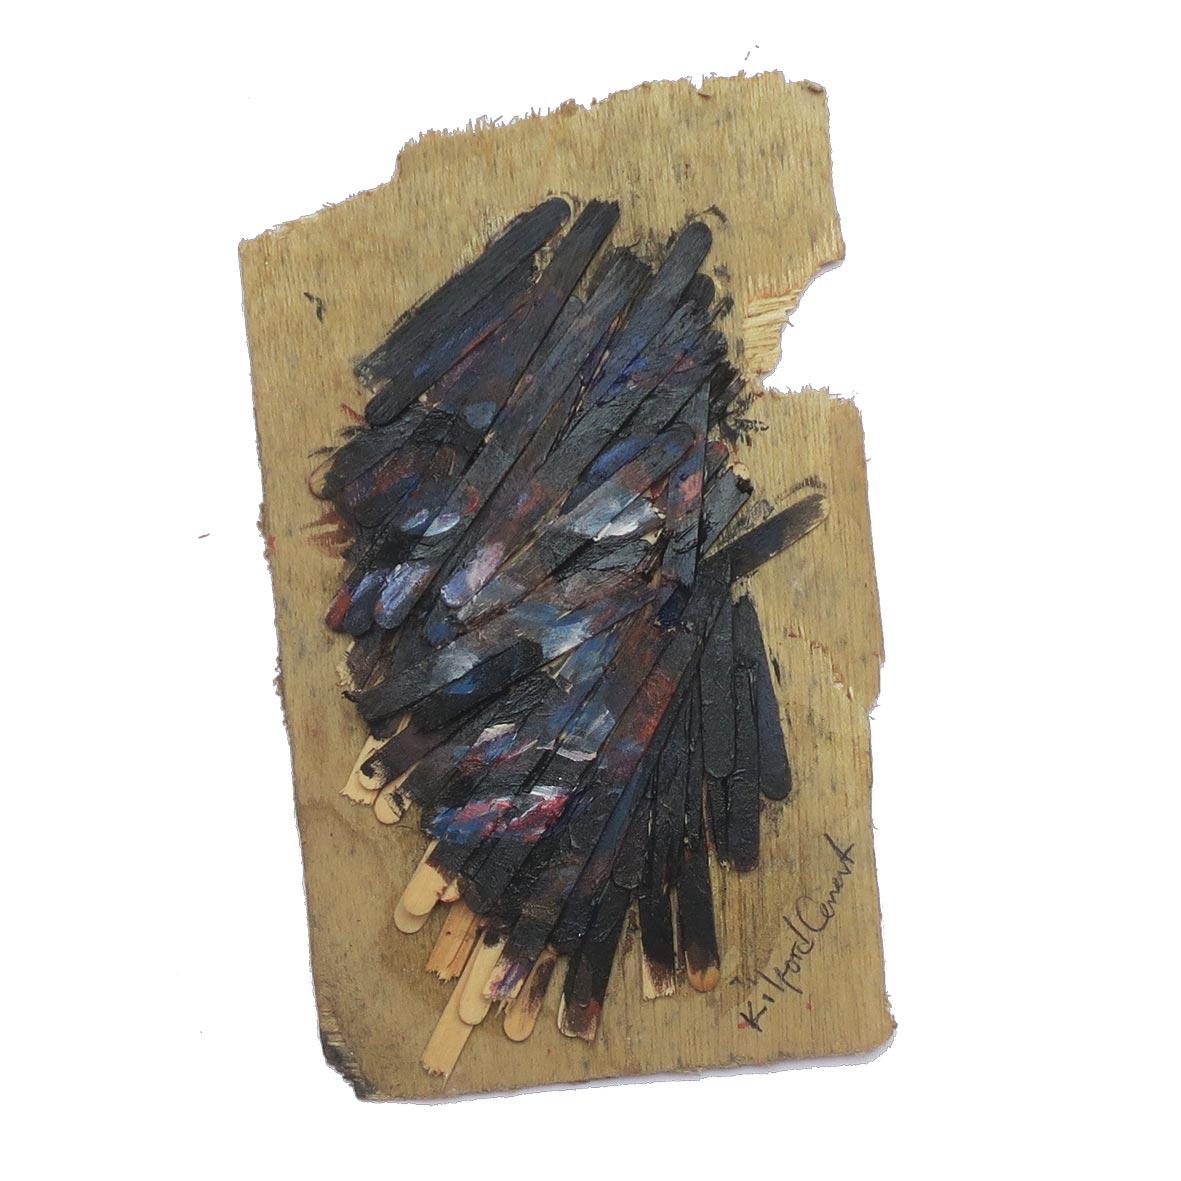 Kilford Cement – Nr. 2.09 (11.5 x 19 cm)